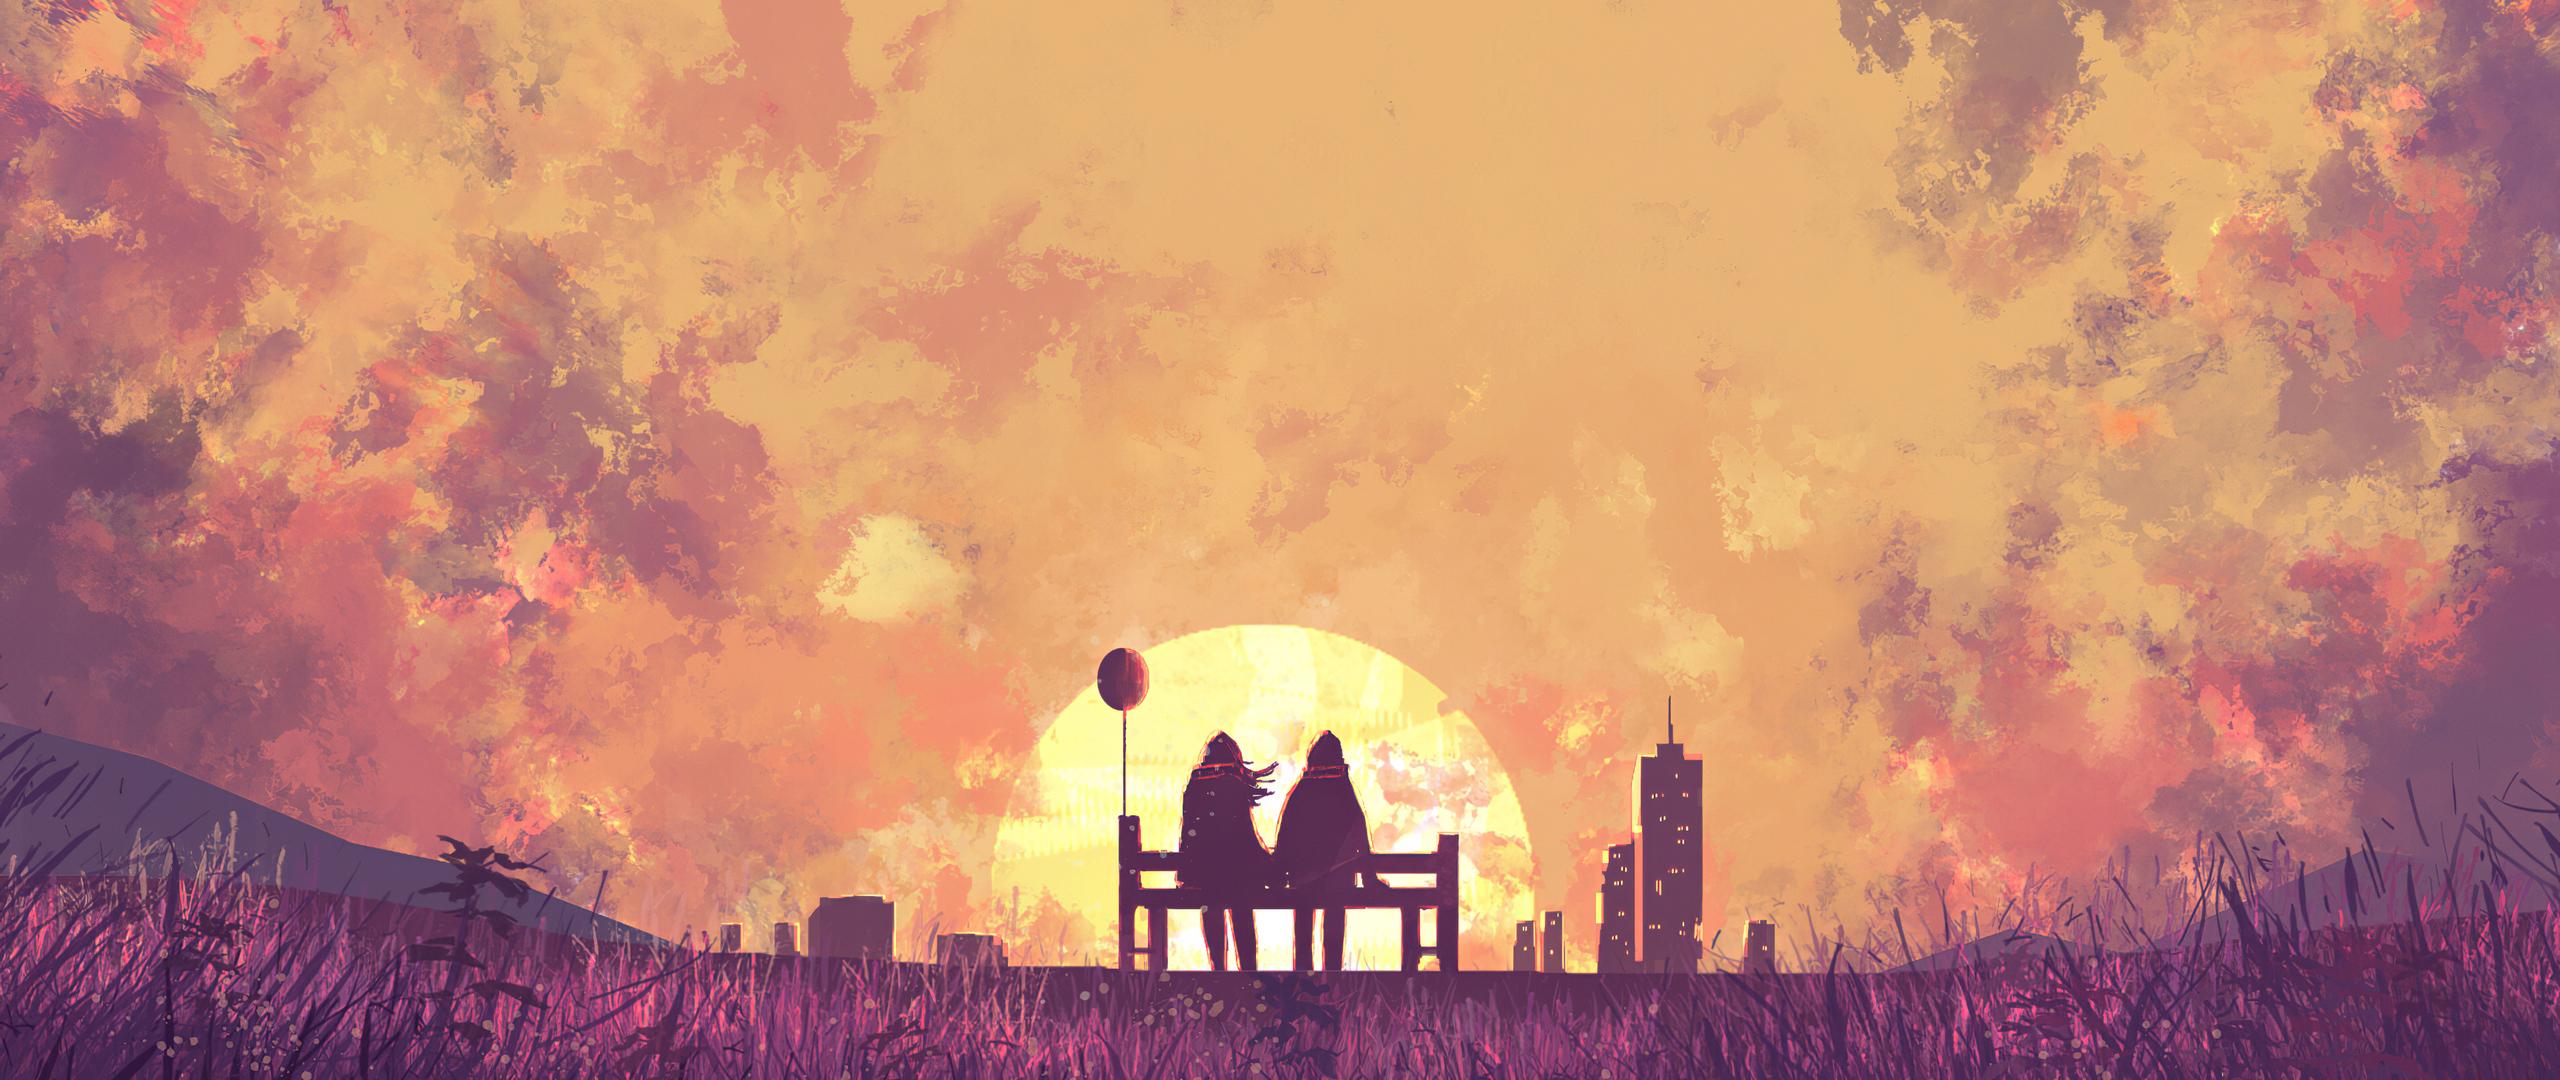 couple-sitting-bench-digital-art-4k-ed.jpg